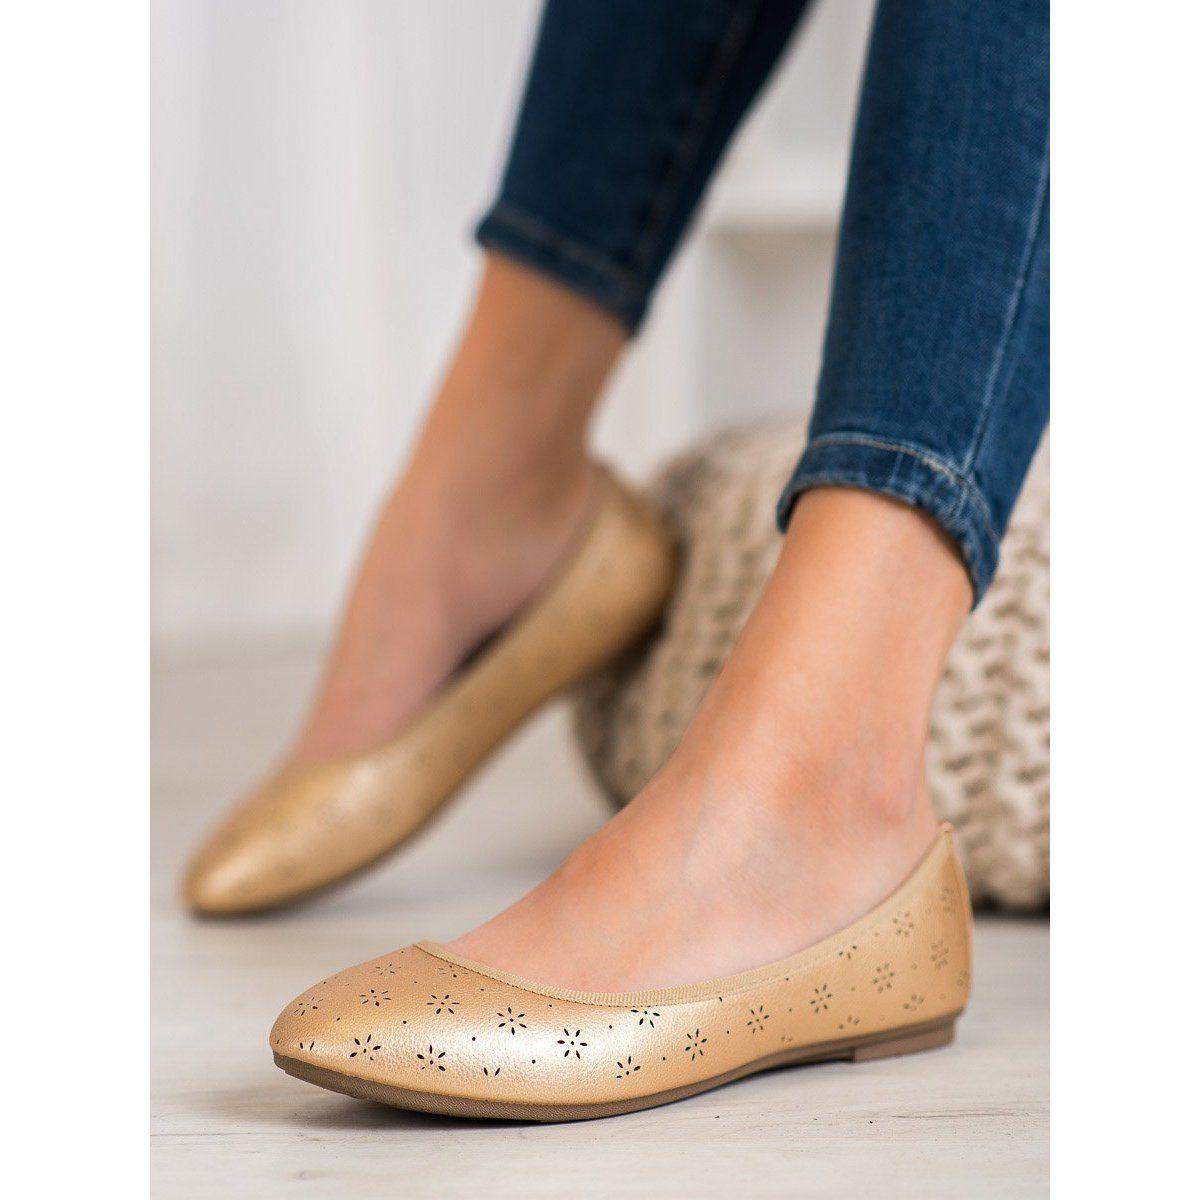 Fama Baleriny Z Azurowym Wzorem Zloty Shoes Flats Fashion